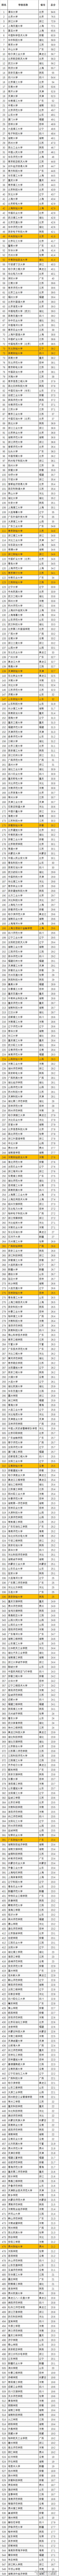 2019年中国大学排名榜单